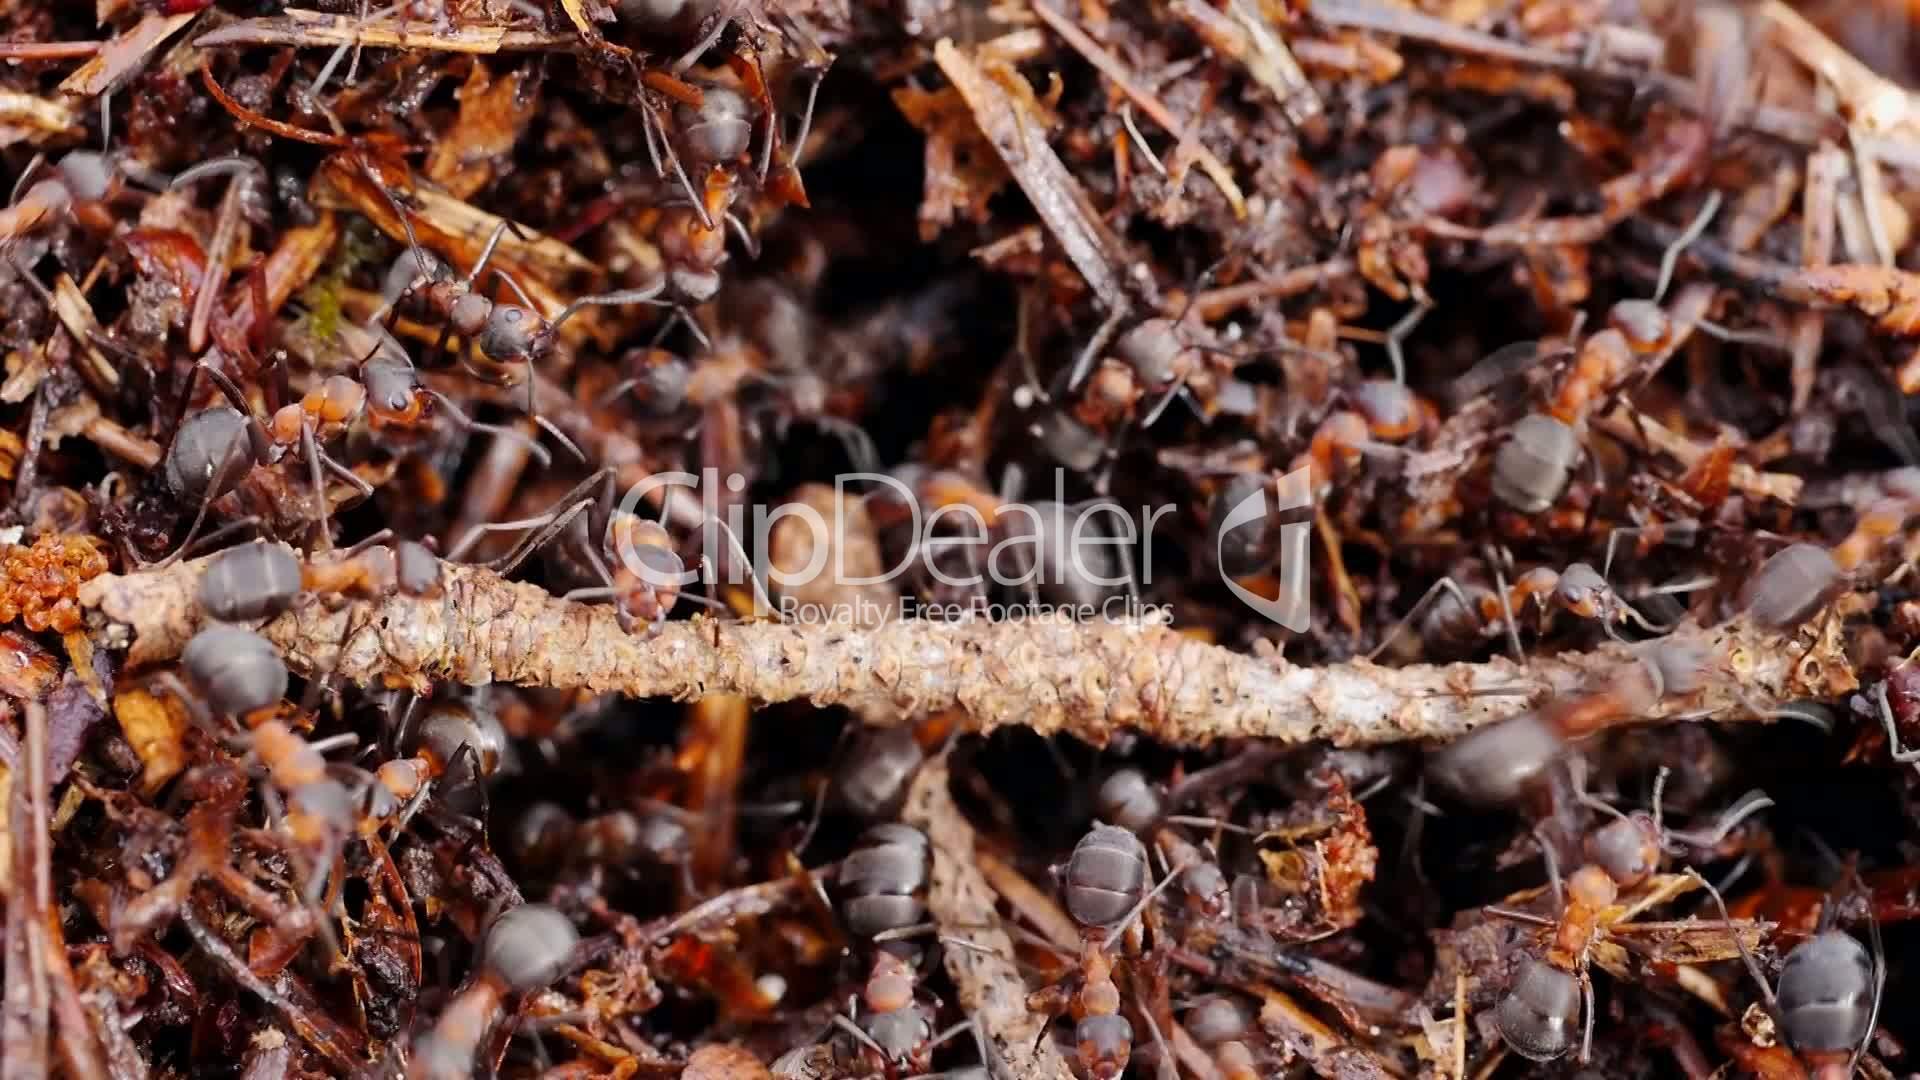 rote waldameise formica rufa v deos de archivo y clips libres de derechos. Black Bedroom Furniture Sets. Home Design Ideas